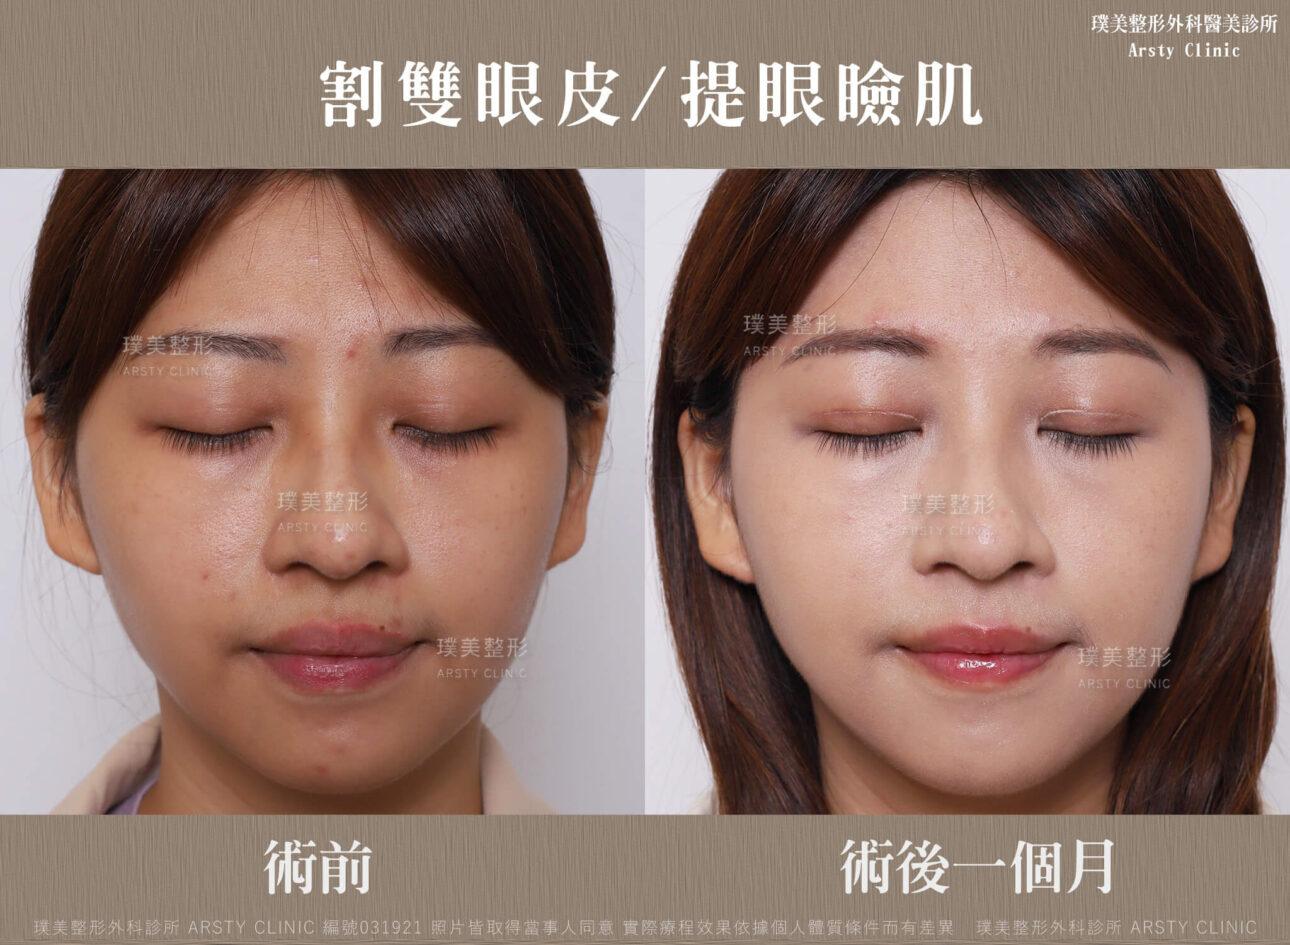 割雙眼皮、提眼瞼肌 031921 1MBA02